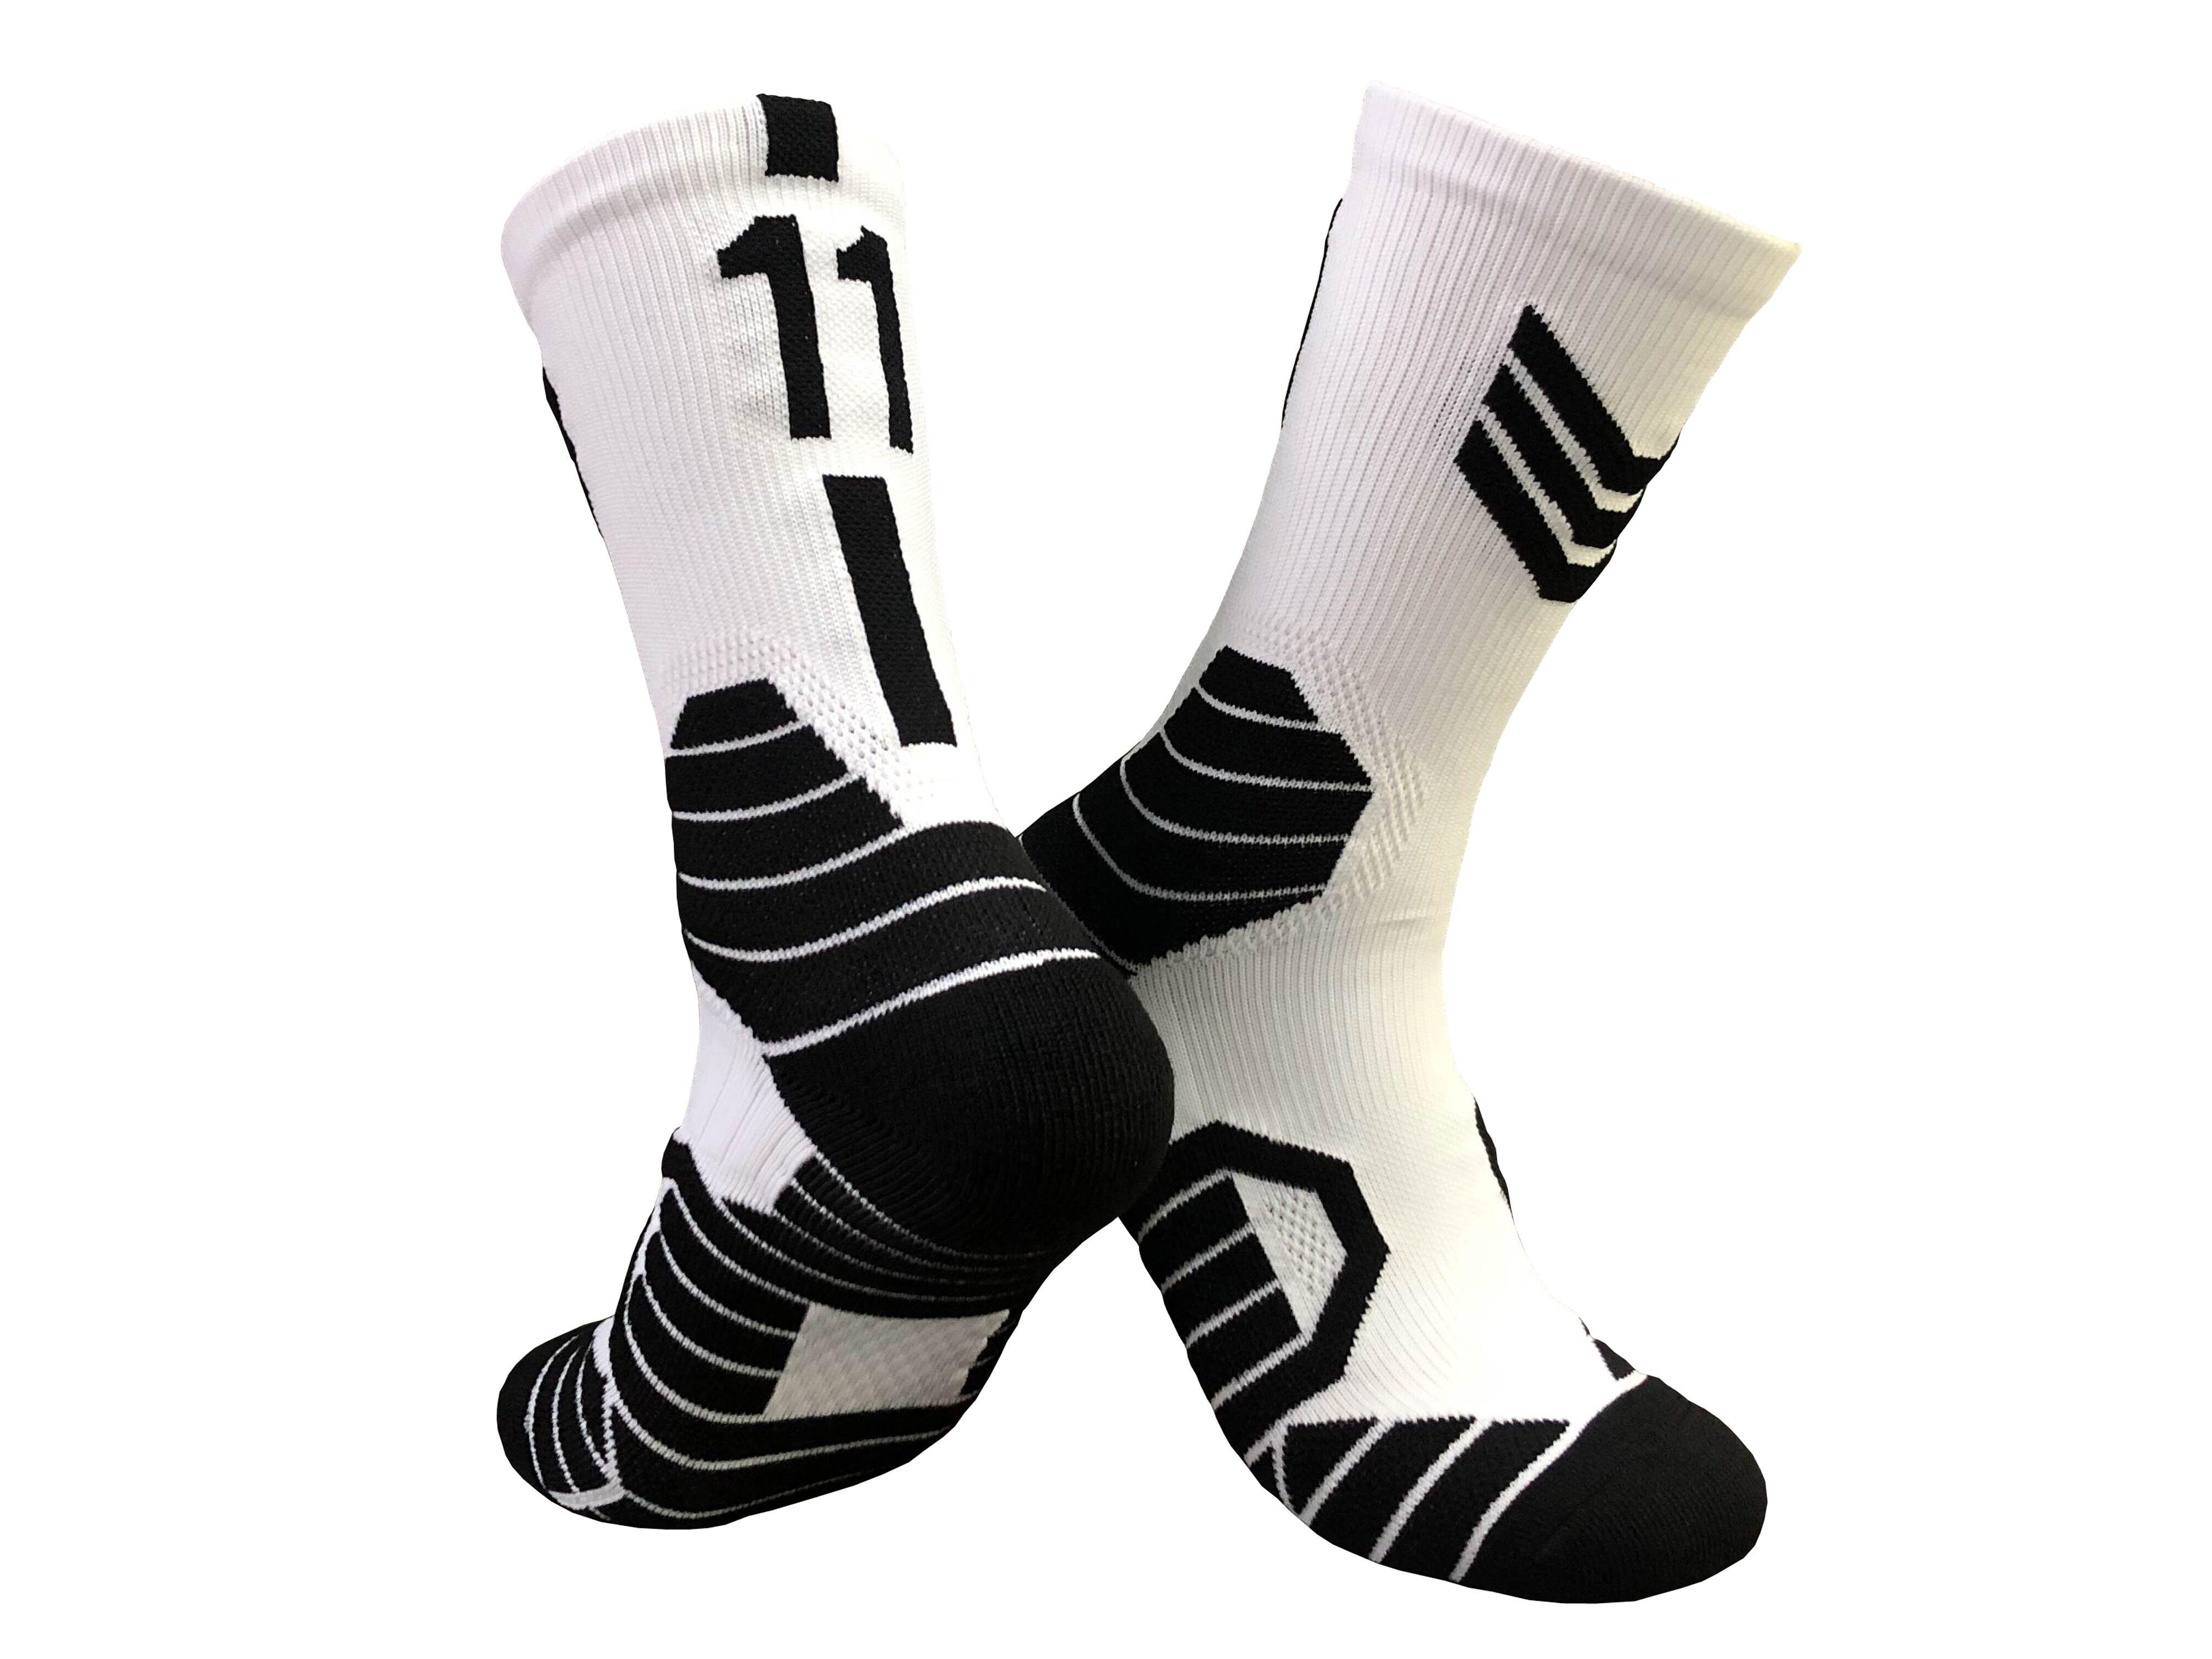 1 pair 11